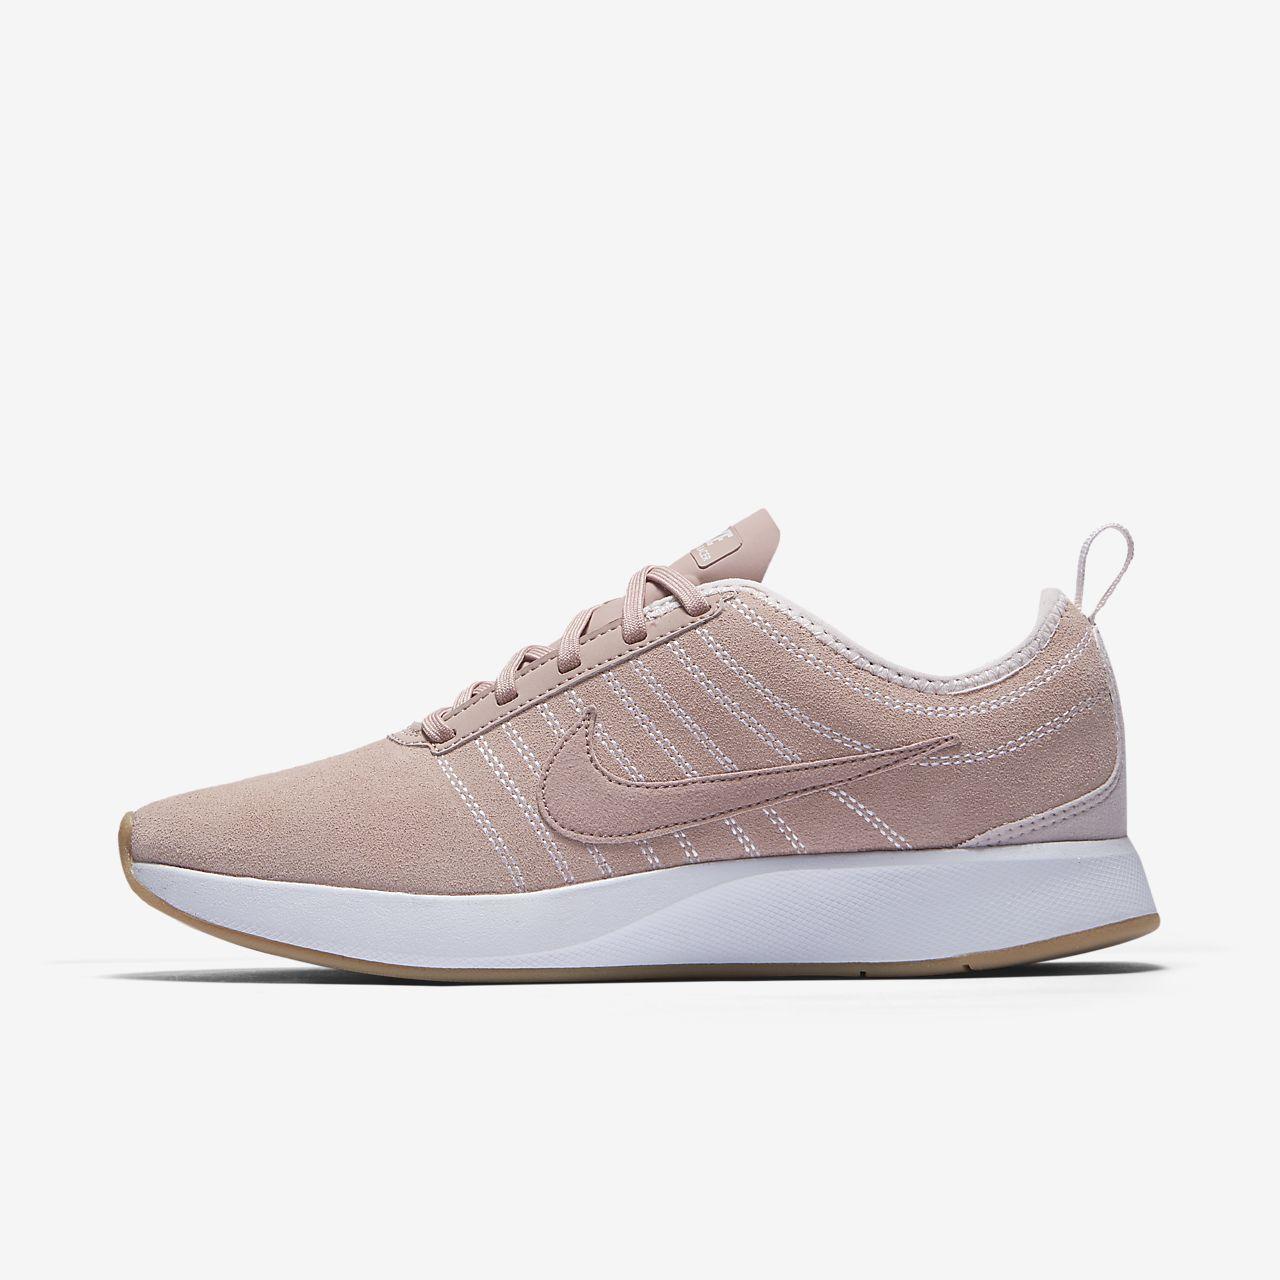 Nike Dualtone Racer Schuh für Babys und Kleinkinder - Pink MaqsM3eJ